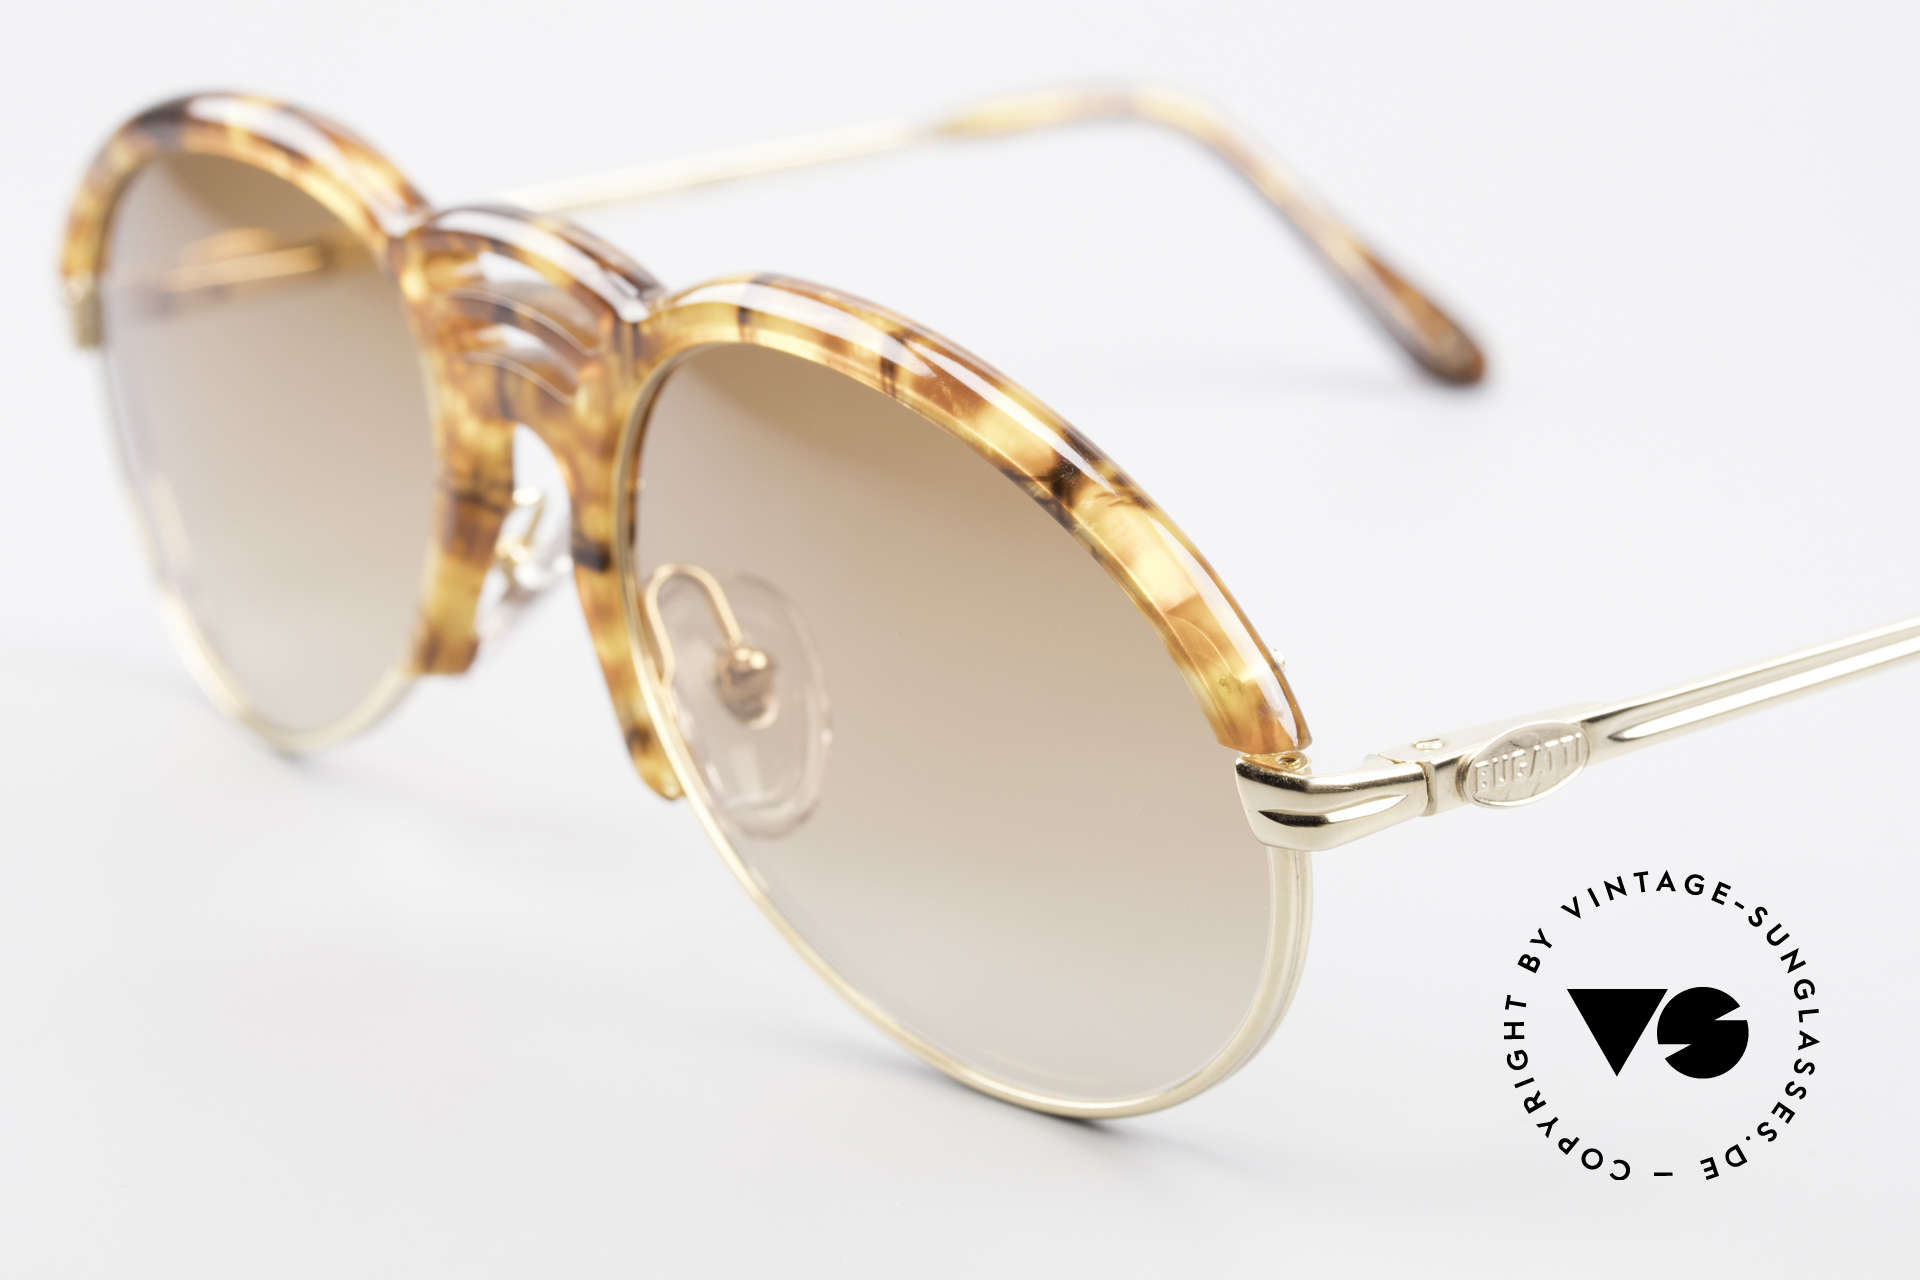 Bugatti 15287 Bernstein Optik Sonnenbrille, höchster Tragekomfort durch beste Verarbeitung, Passend für Herren